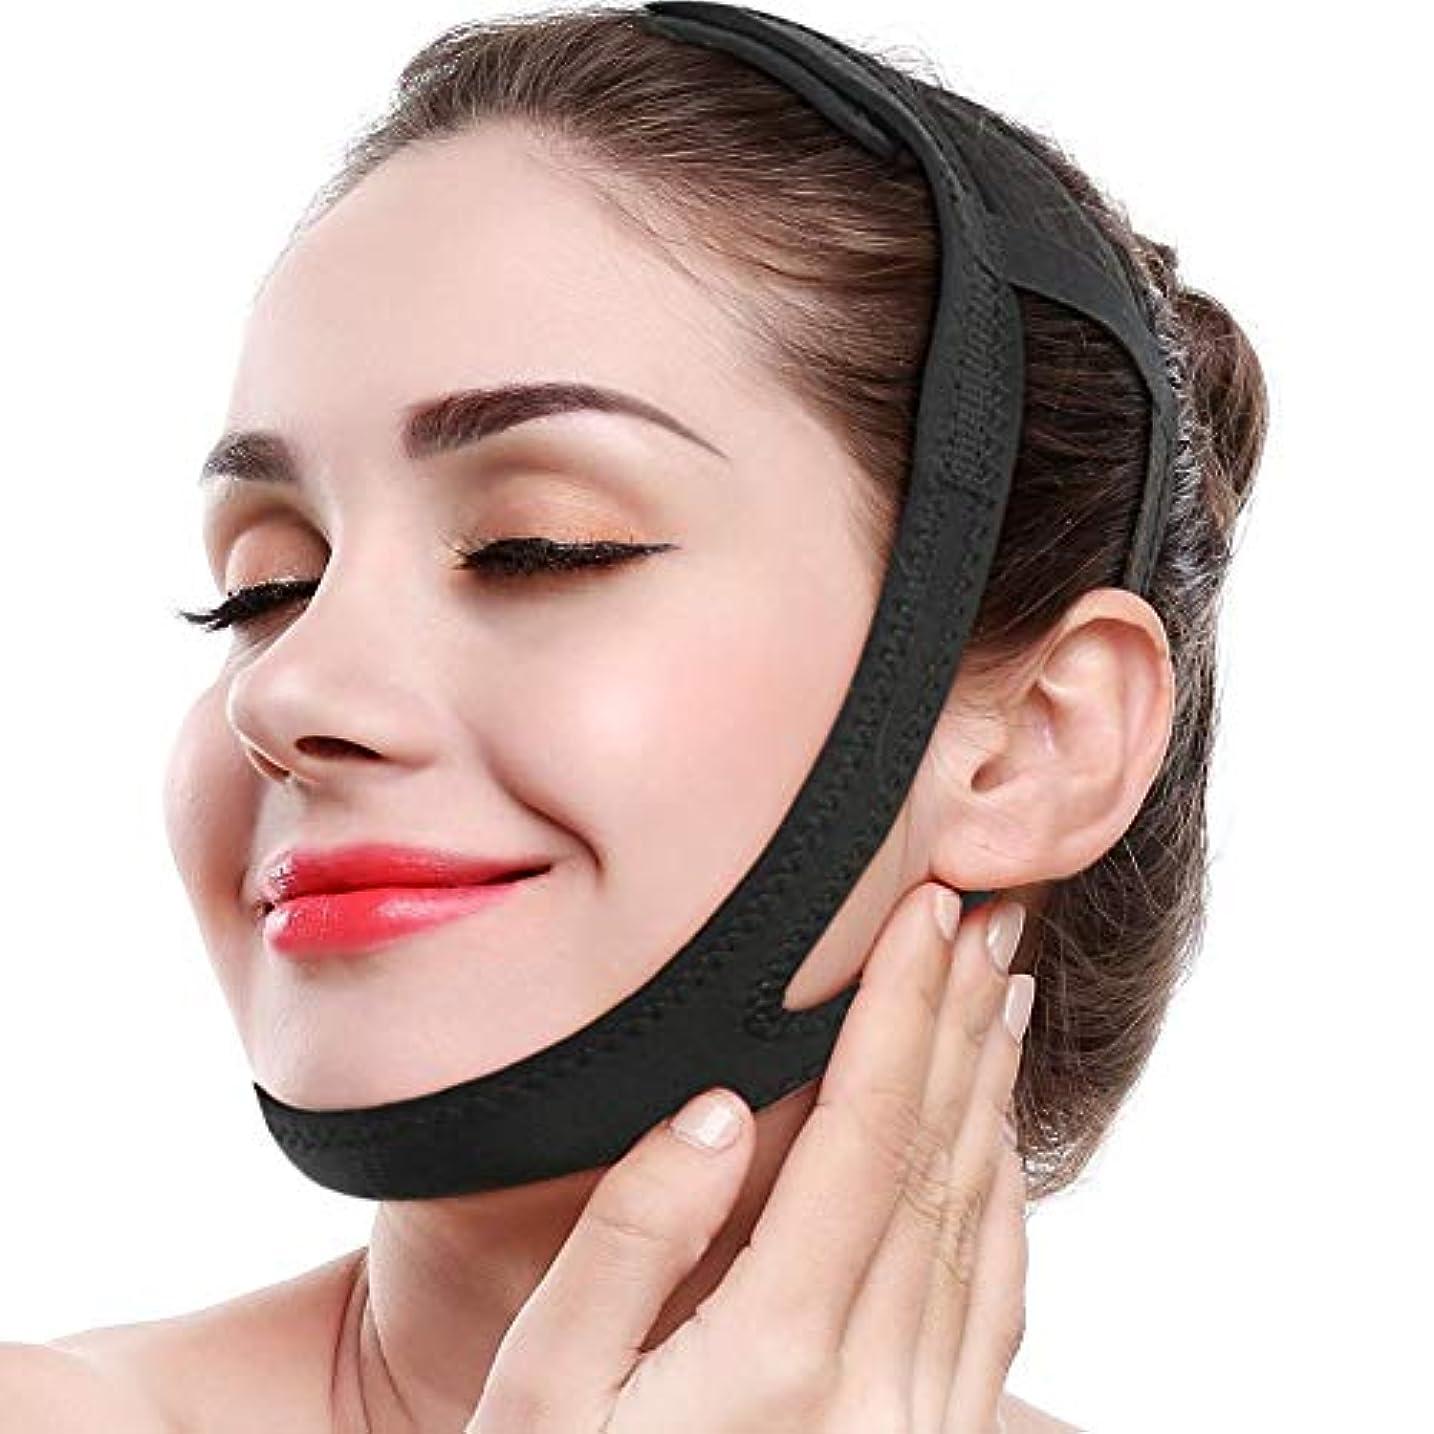 懲らしめチャペル煙突顔の細くの薄い表面マスク、持ち上がる表面ベルトは顔の包帯のための二重あごの引き締まった肌の抵抗の形のVライン減量を減らします